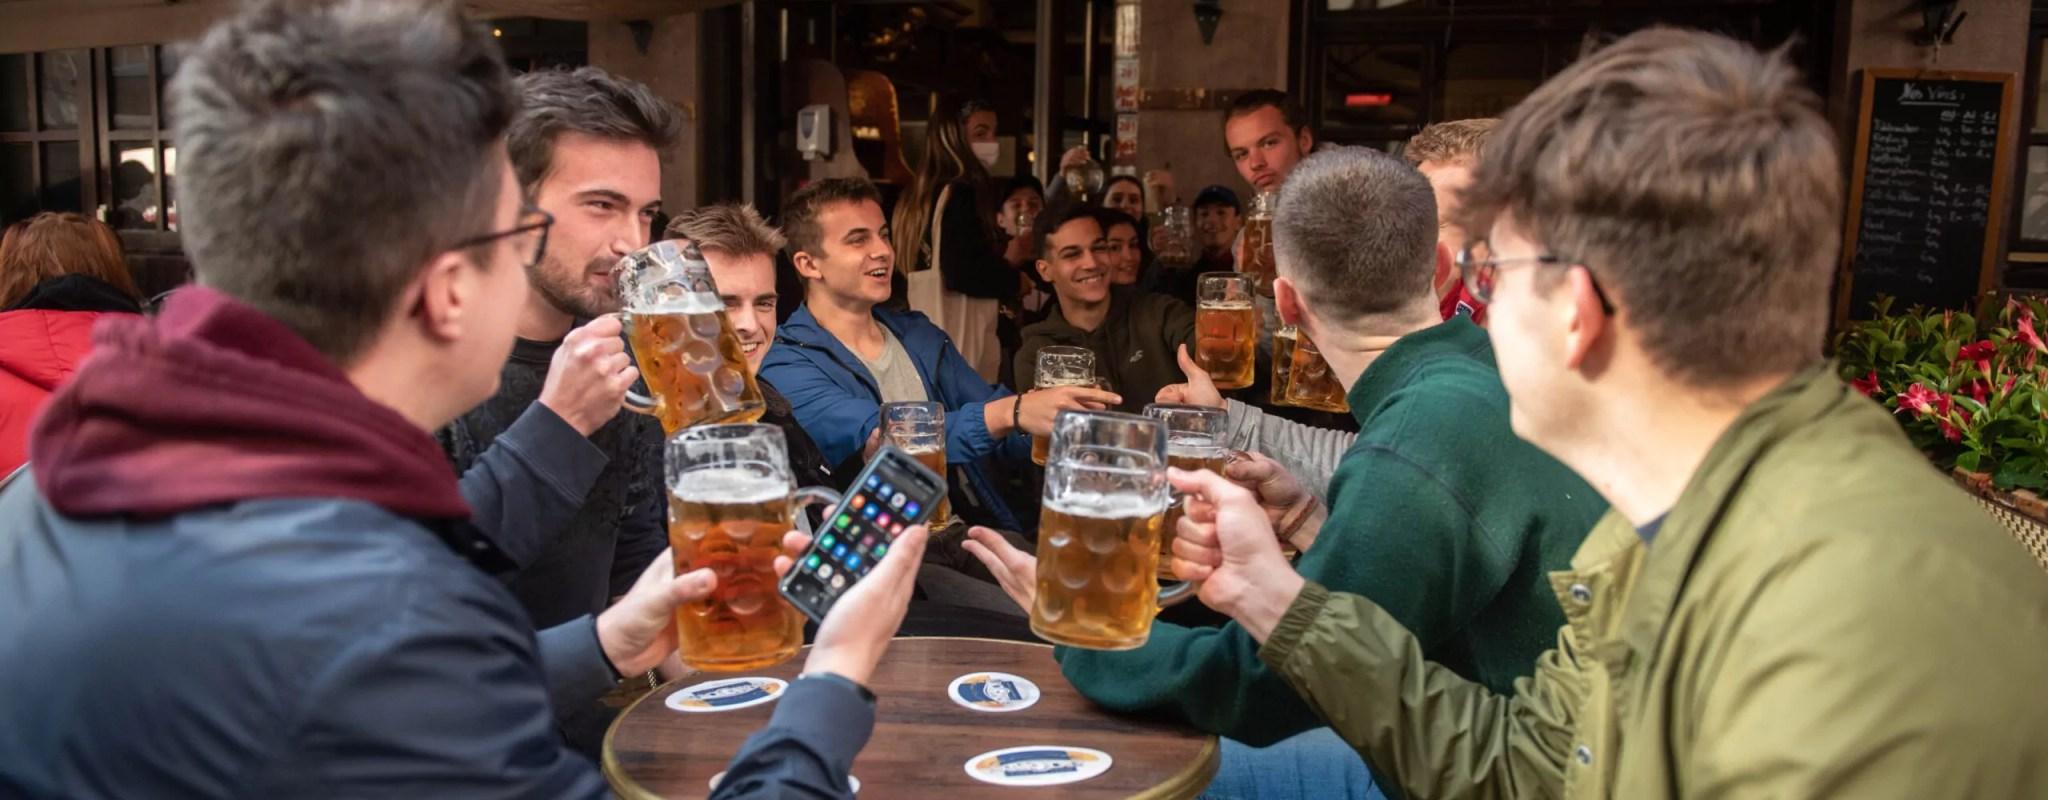 Réouverture des bars et restaurants : quand l'effervescence regagne les rues de Strasbourg